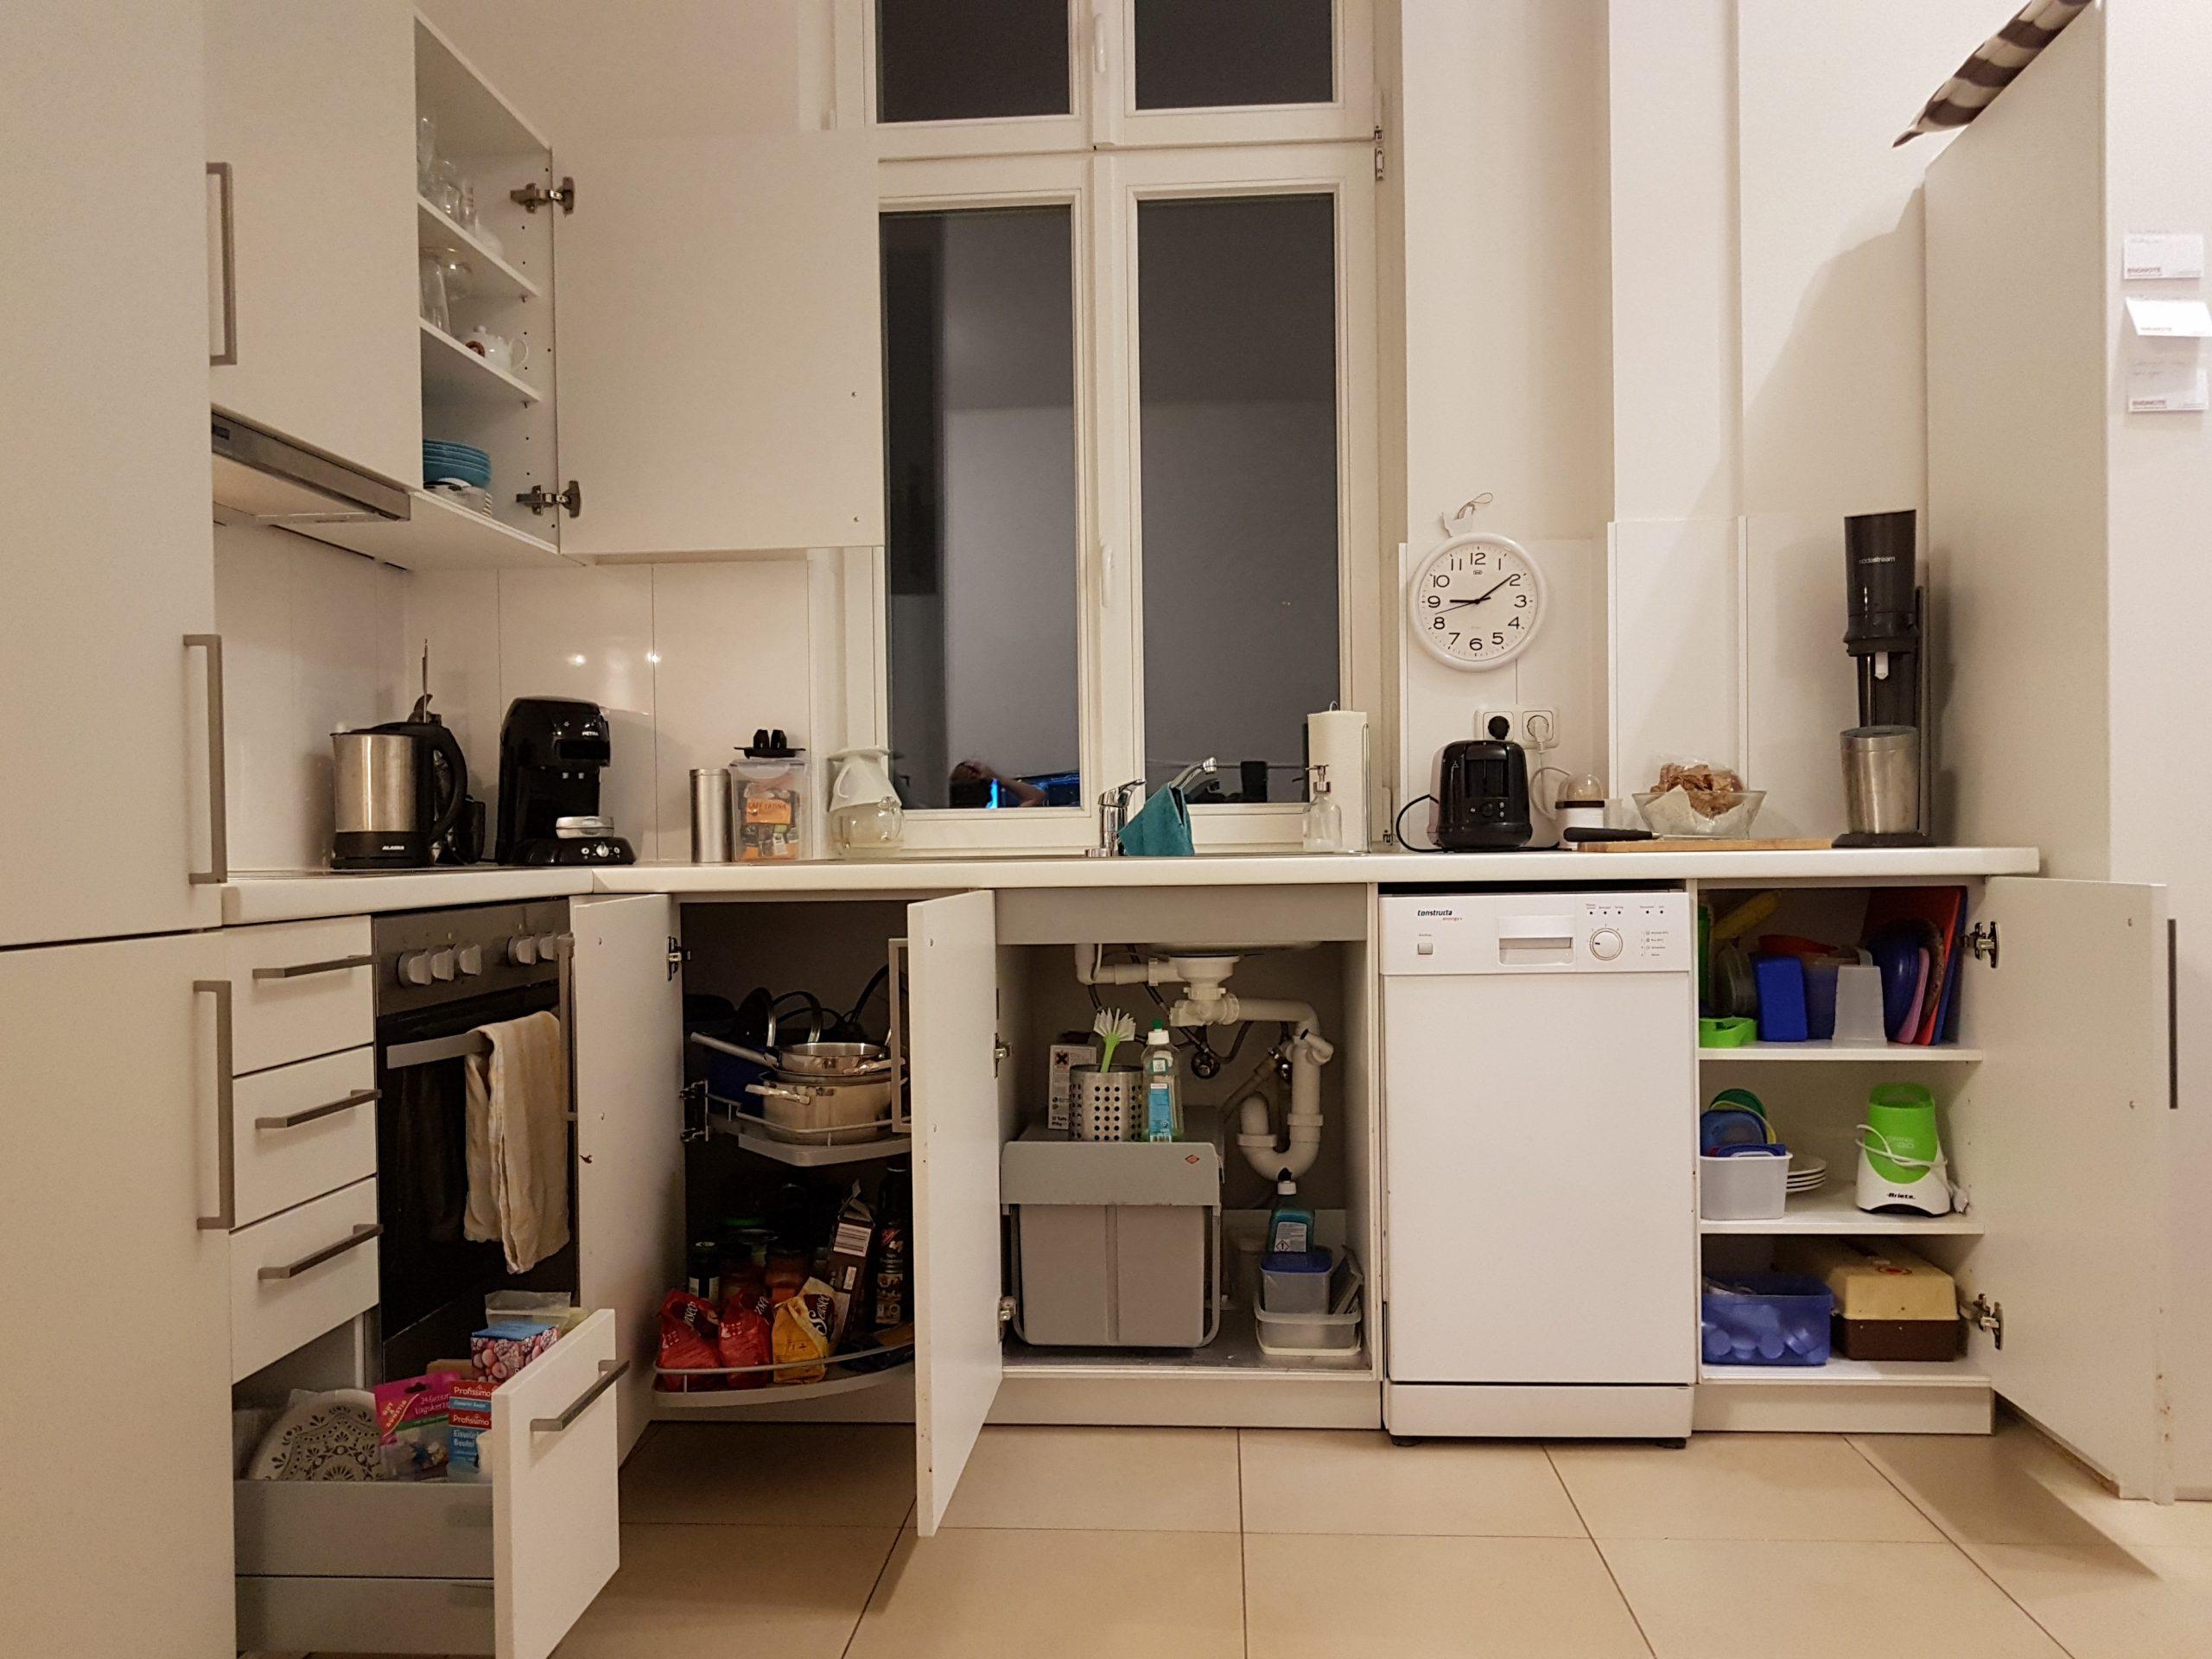 Full Size of Vorratsschrank Küche Kche Und Wohnzimmer Nach Konmari Deckenleuchten Eckschrank Raffrollo Modulküche Günstig Kaufen Was Kostet Eine Neue Mit Theke Küche Vorratsschrank Küche